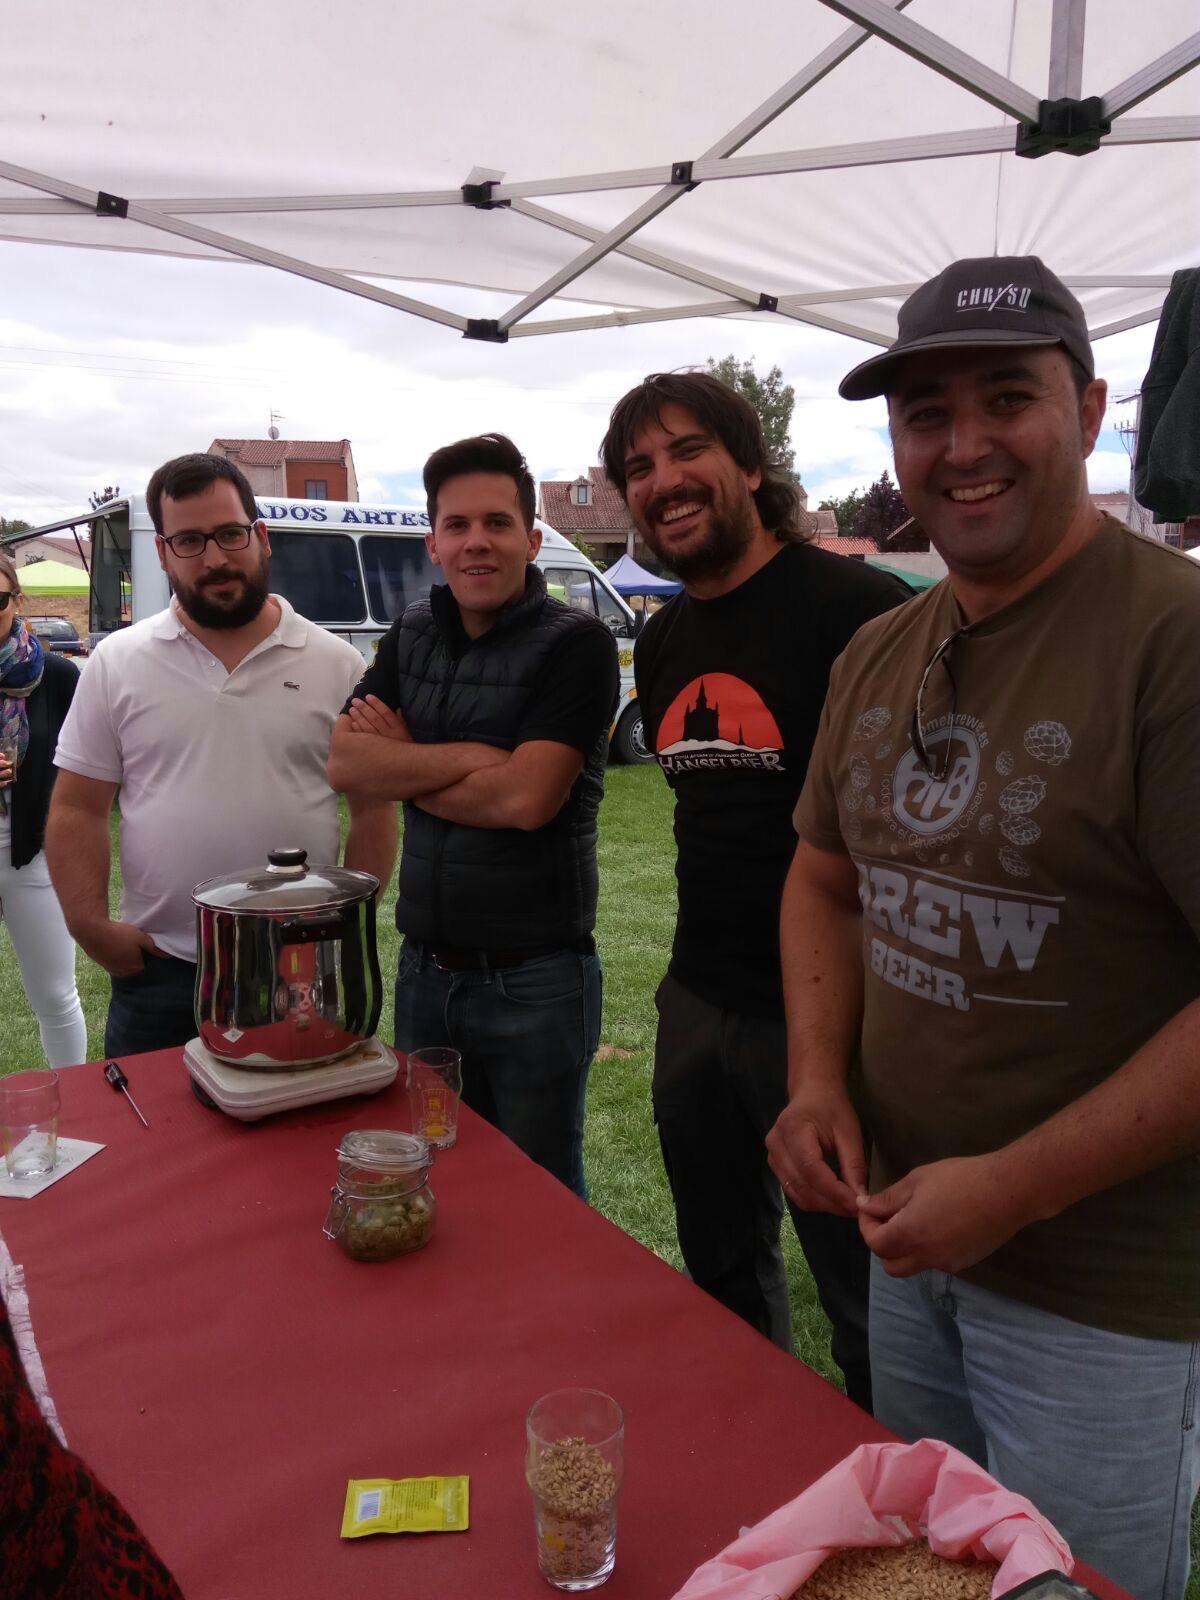 Foto 3: Asociación de Cerveceros Caseros Españoles (Delegación de Segovia). De izquierda a derecha: Rockberto Boquerone, Javi Blasco, Anselmo - Hanselbier, Don Paco